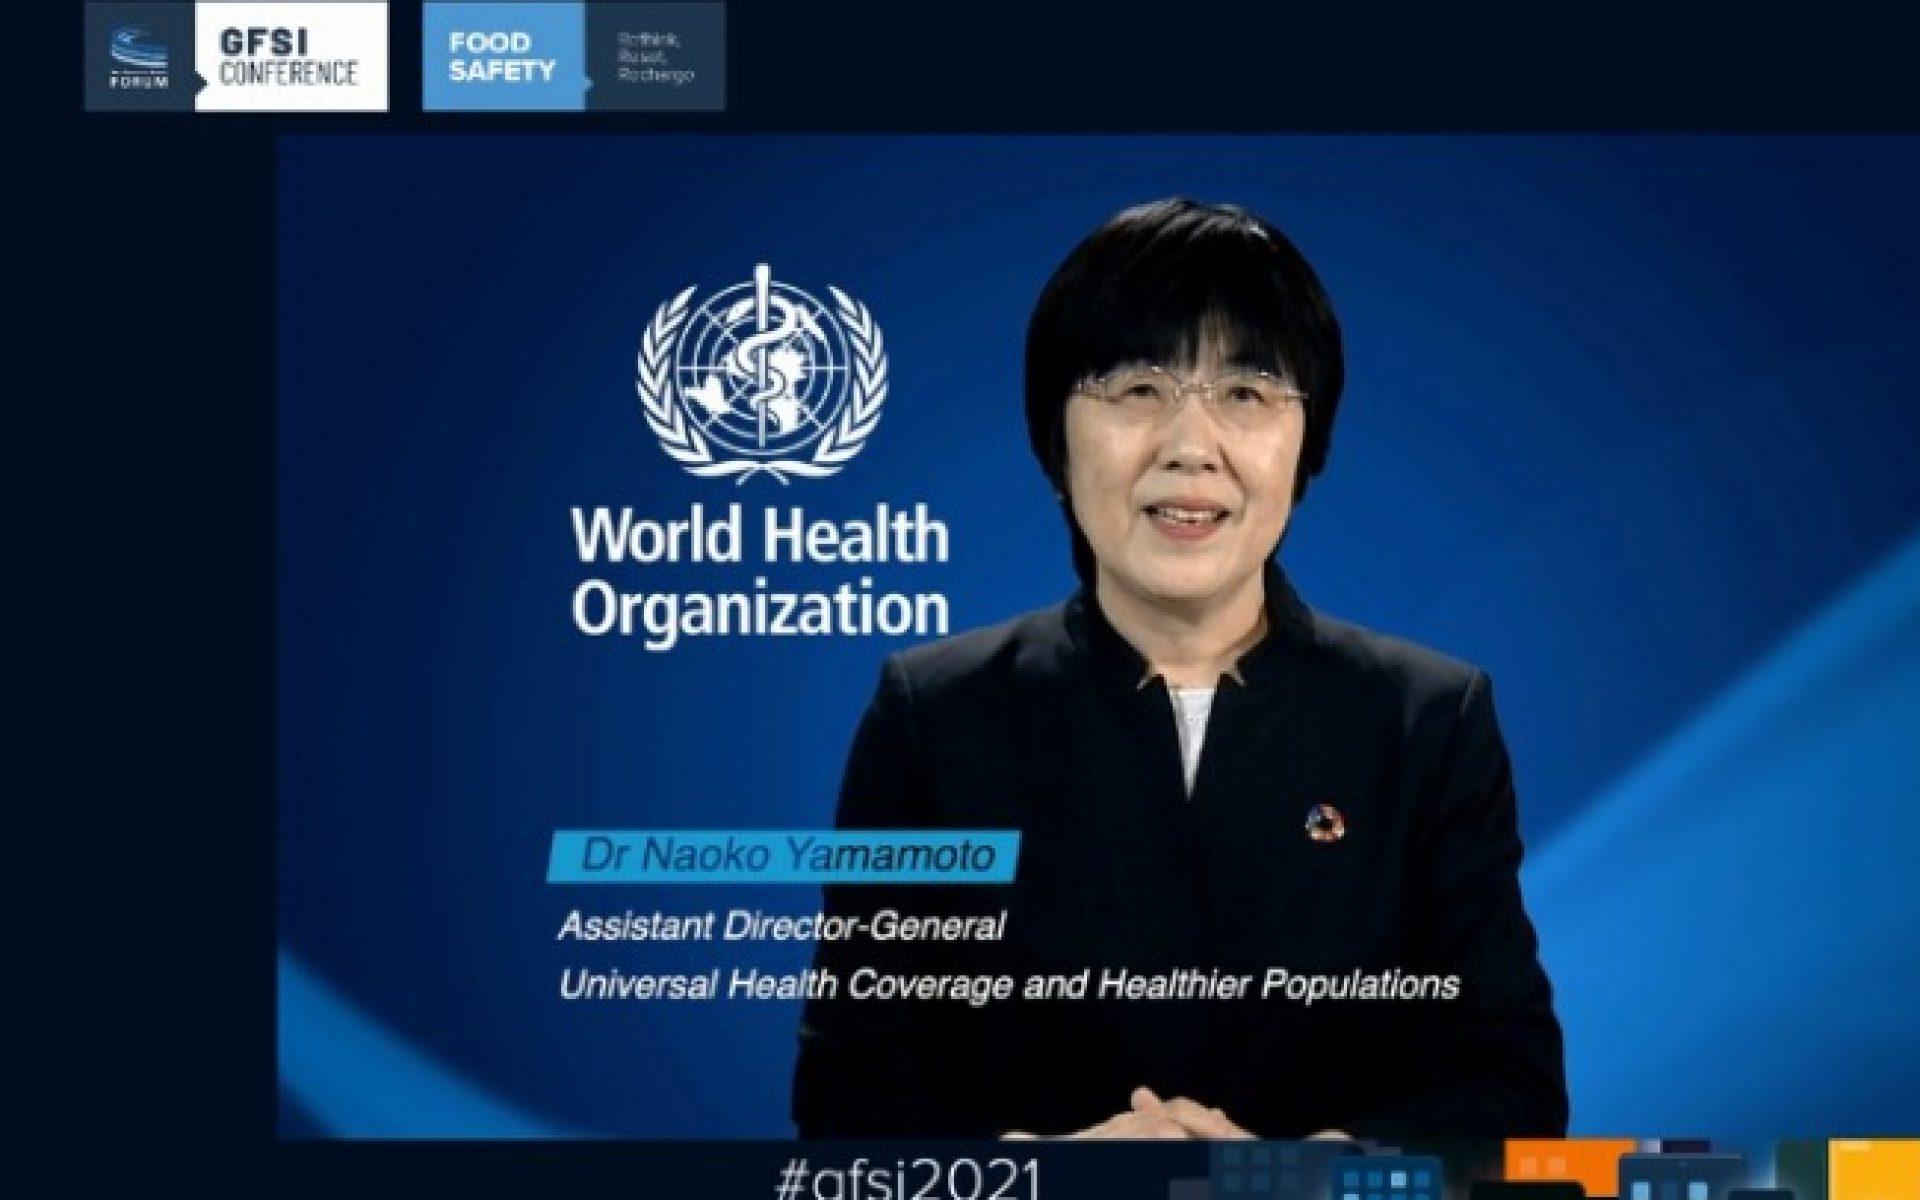 Conferência GFSI 2021 Segurança dos Alimentos é uma Prioridade de Saúde Pública